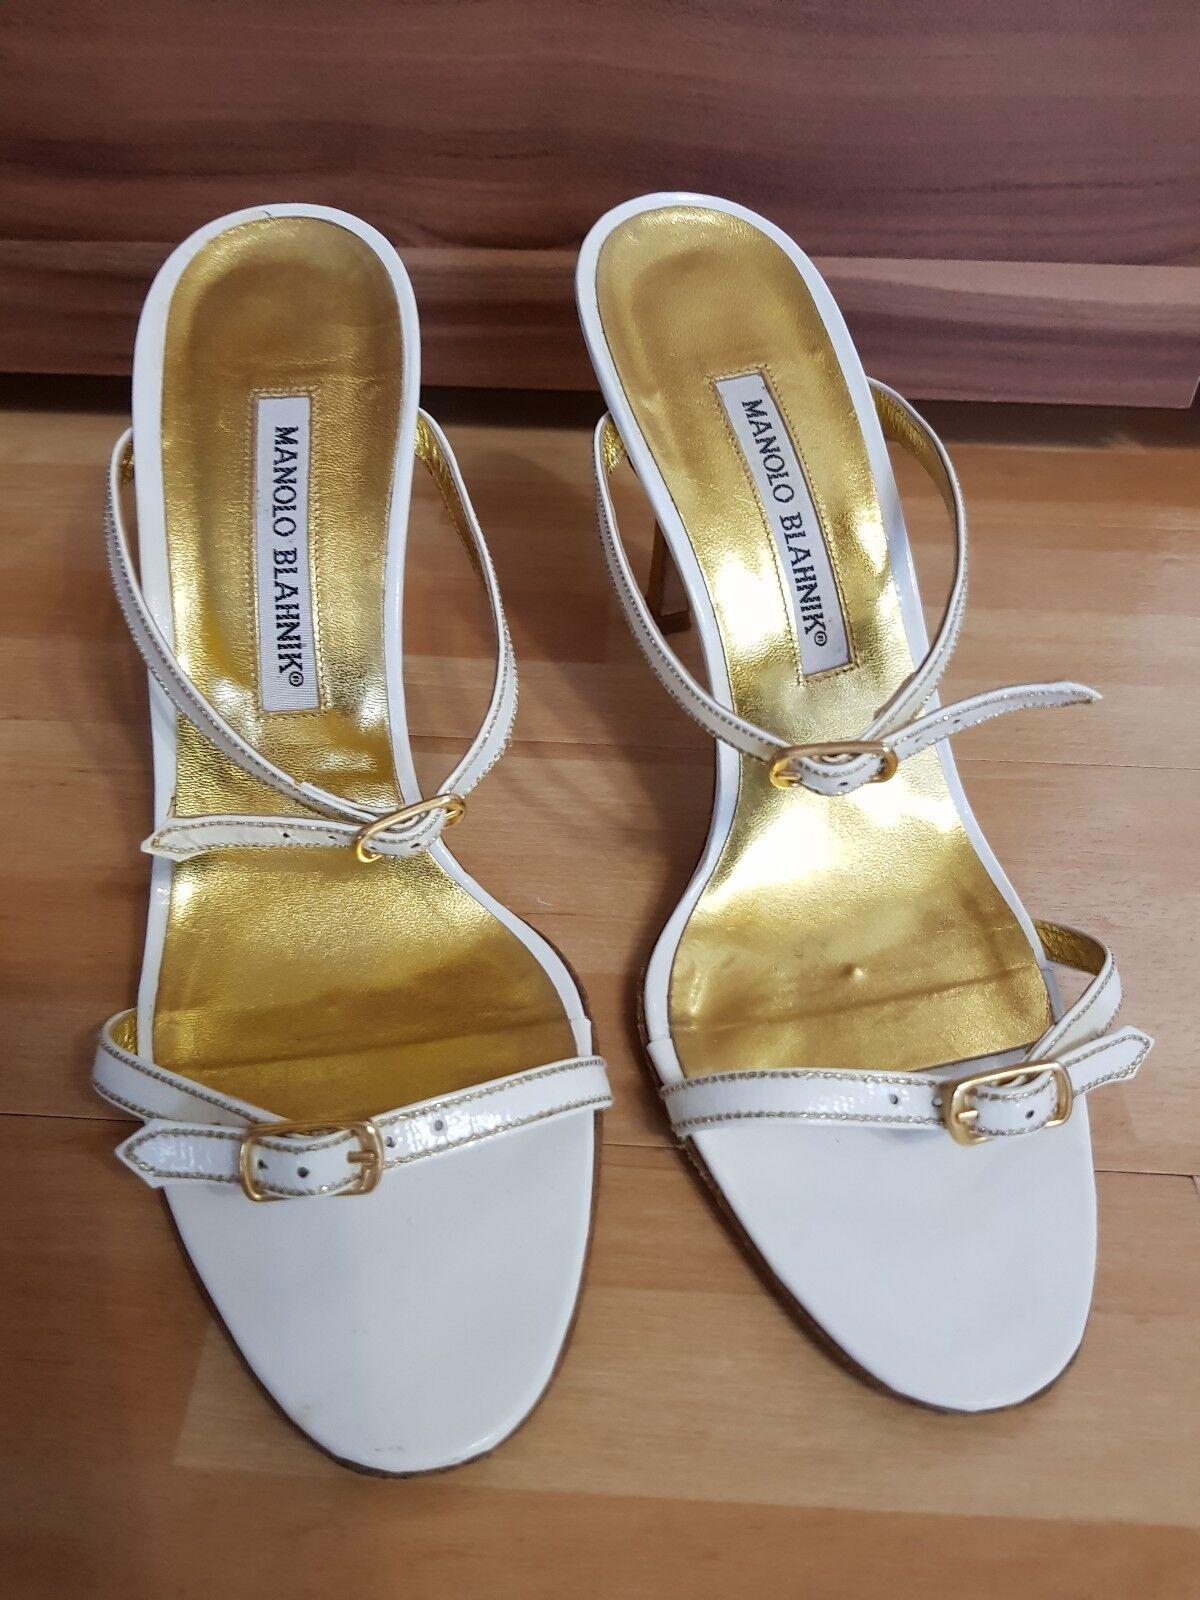 Manolo Blahnik Gr. 38, weiß Gold, Riemchen Sandaletten, Pumps Schnalle